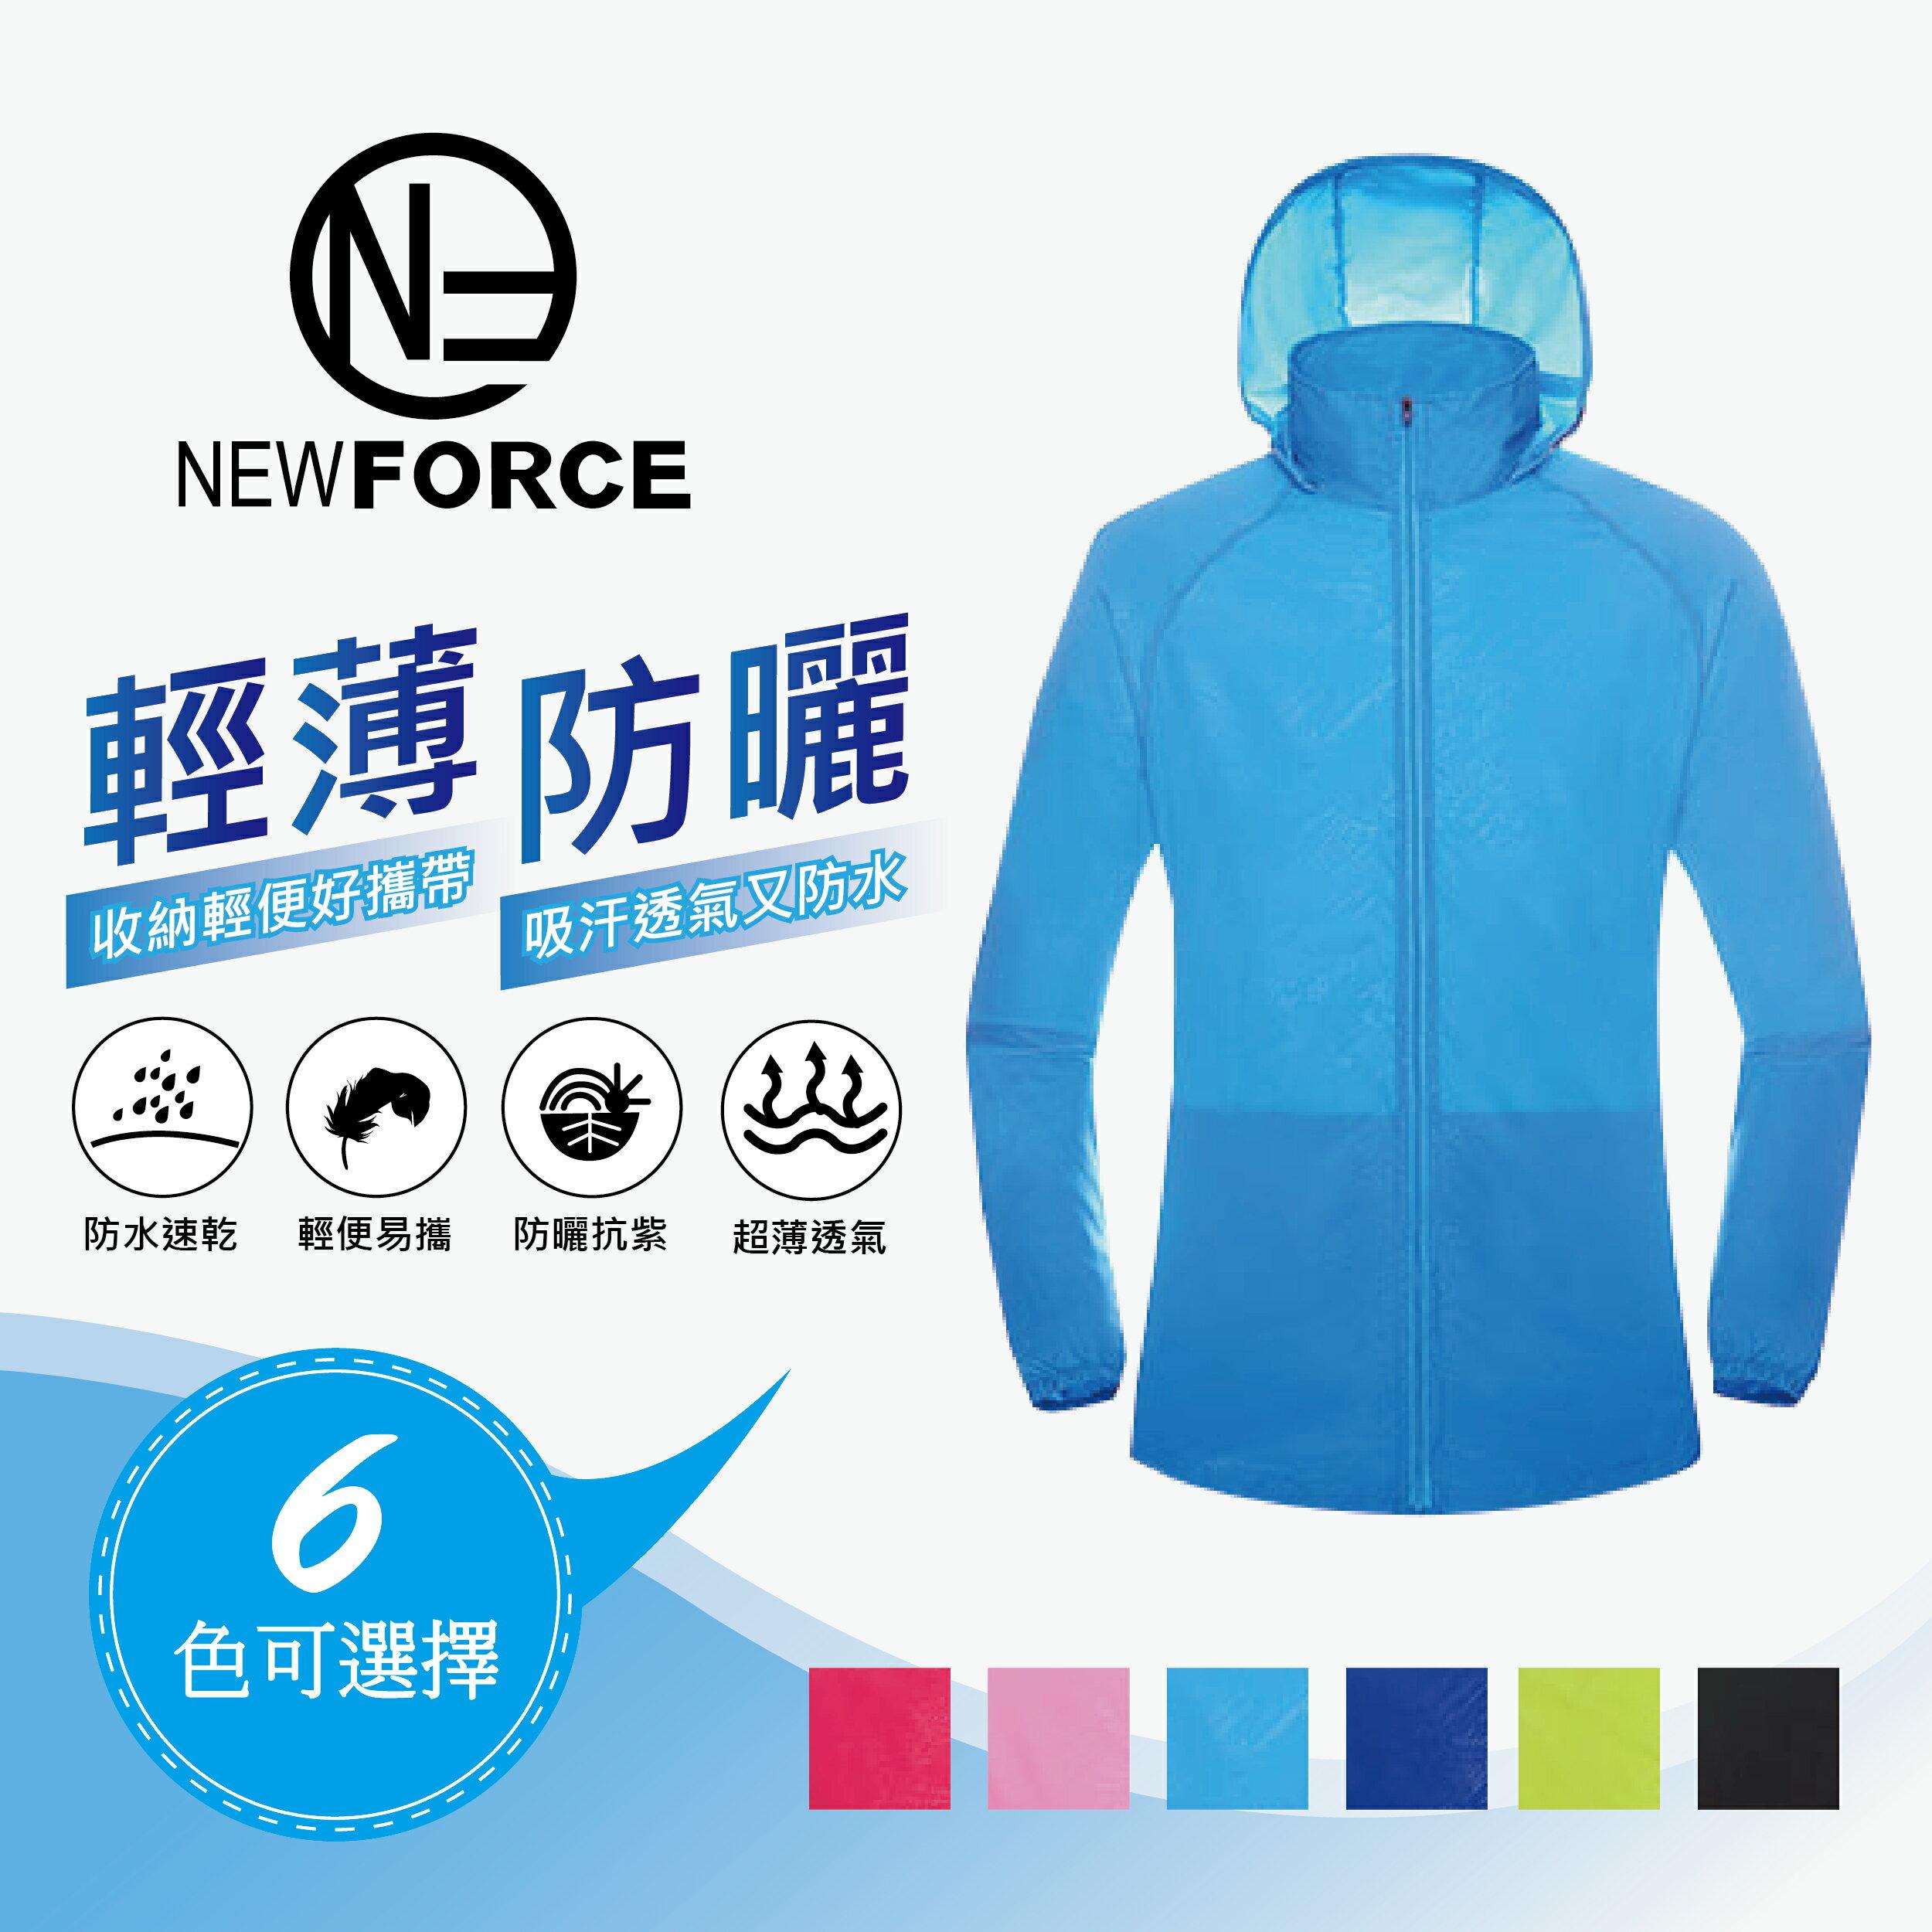 【NEW FORCE】超輕量輕巧收納防風雨抗曬連帽外套-6色可選【1030101】